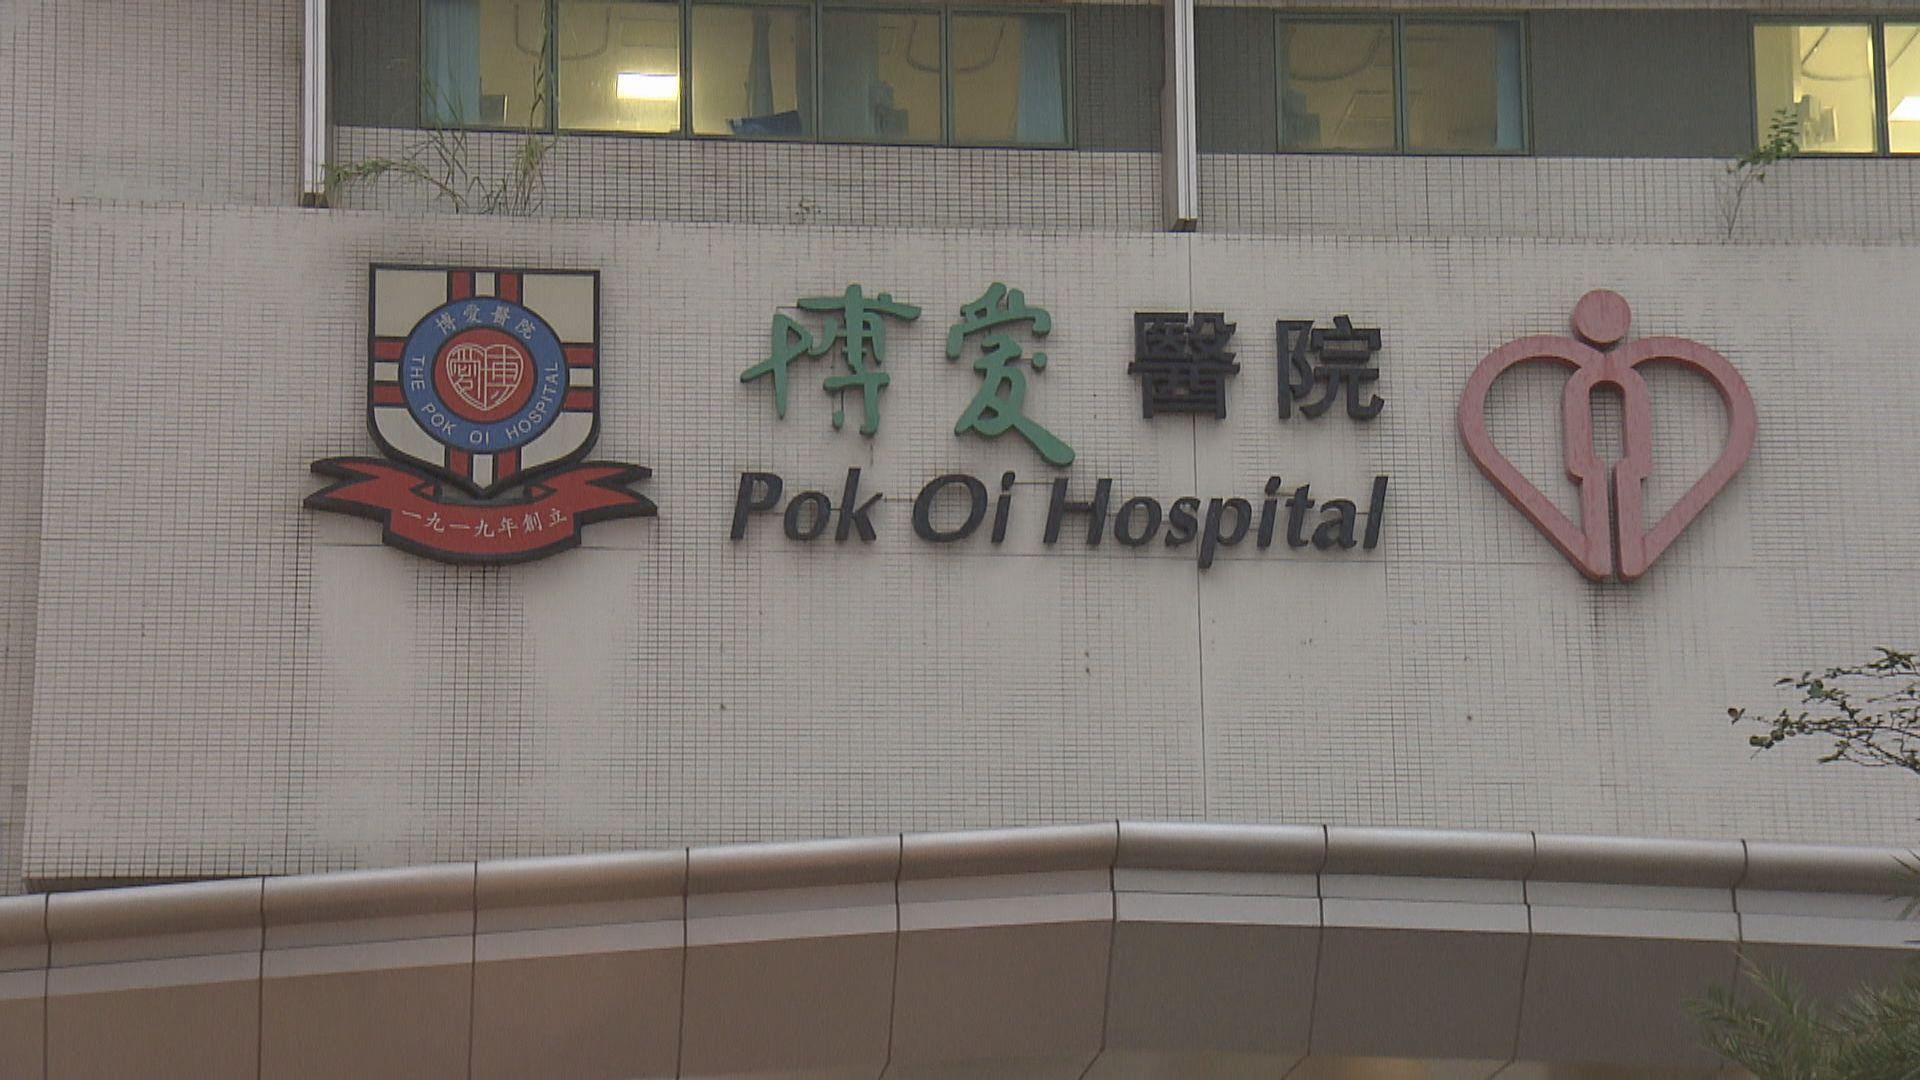 博愛醫院93歲男患者初步確診 潛伏期大部分時間留院